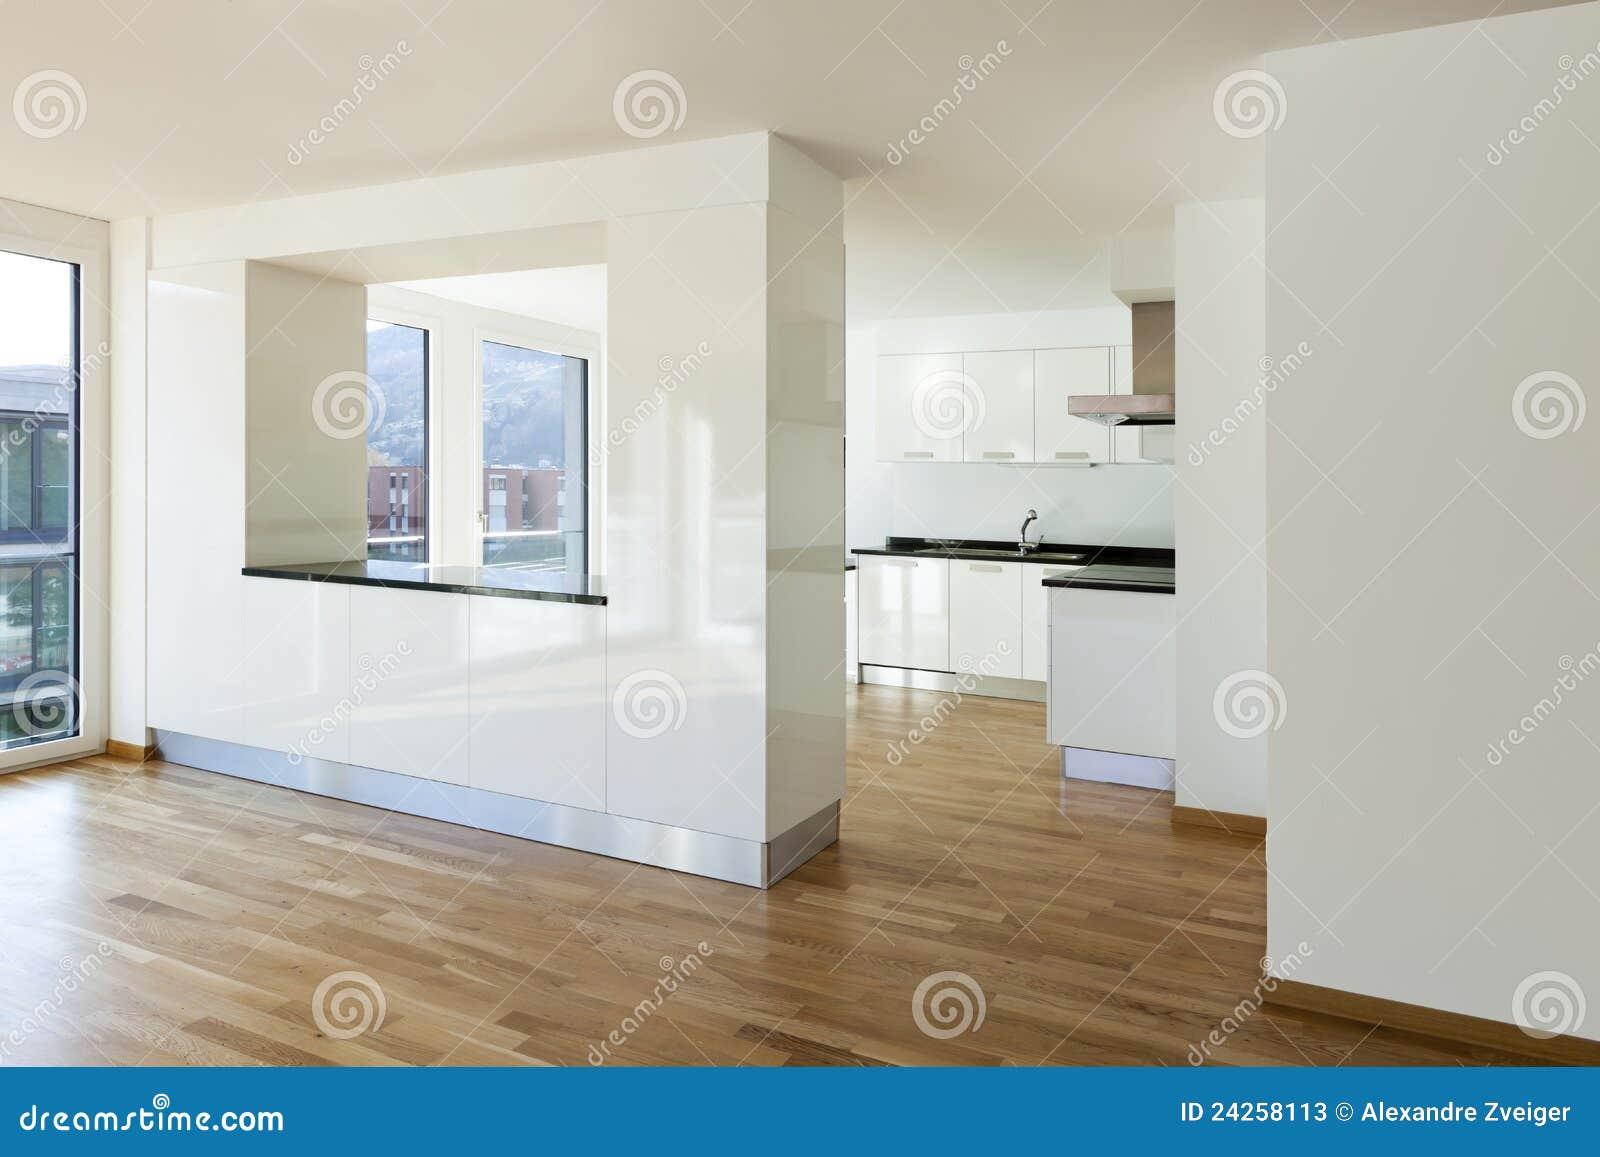 Casa espacio abierto del interior fotos de archivo - Casas con espacios abiertos ...